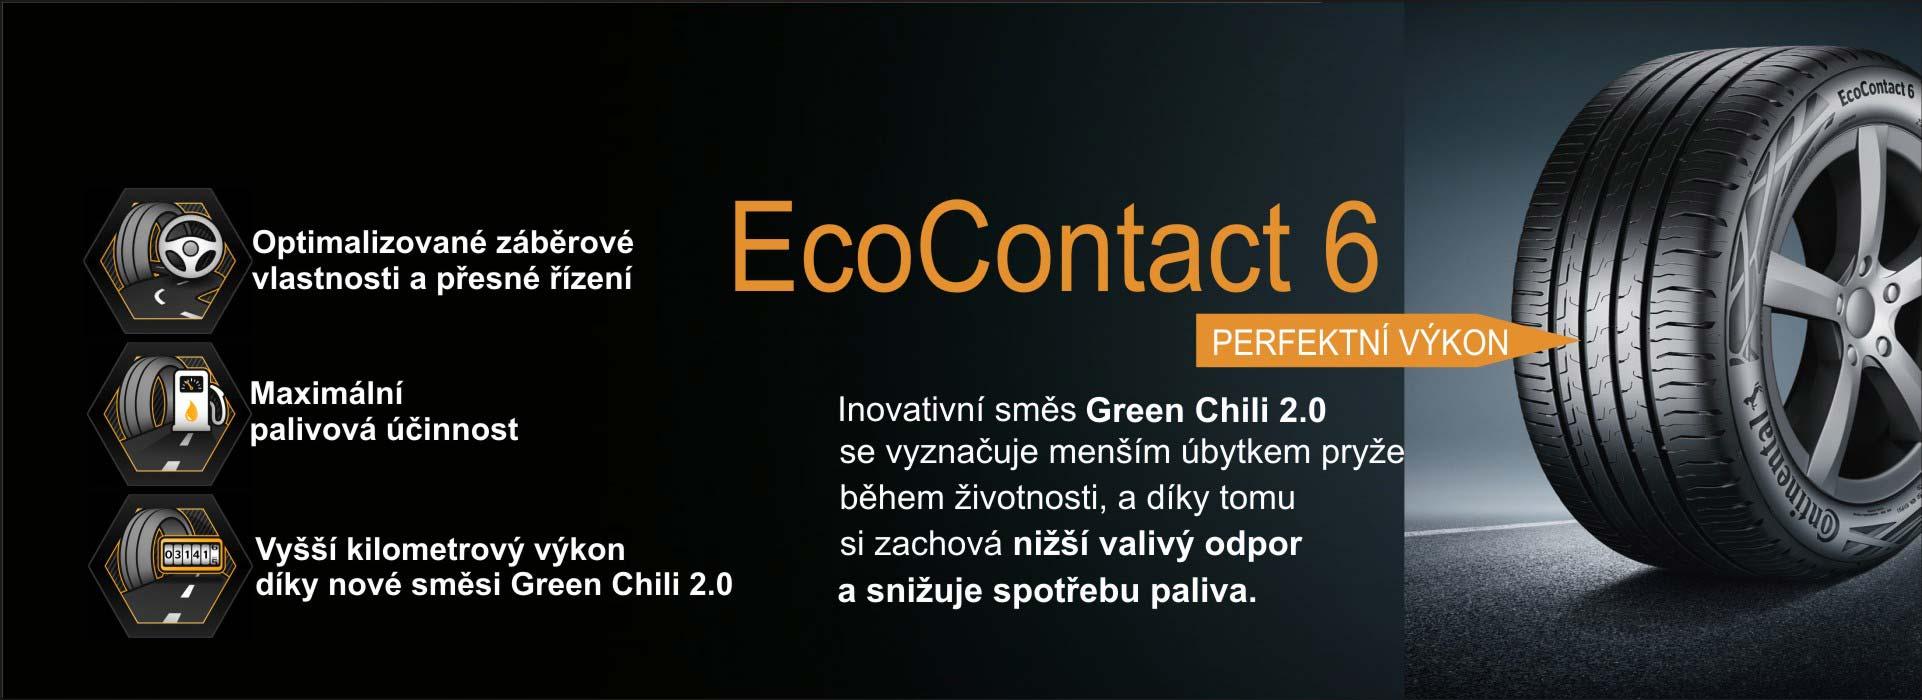 EcoContact6